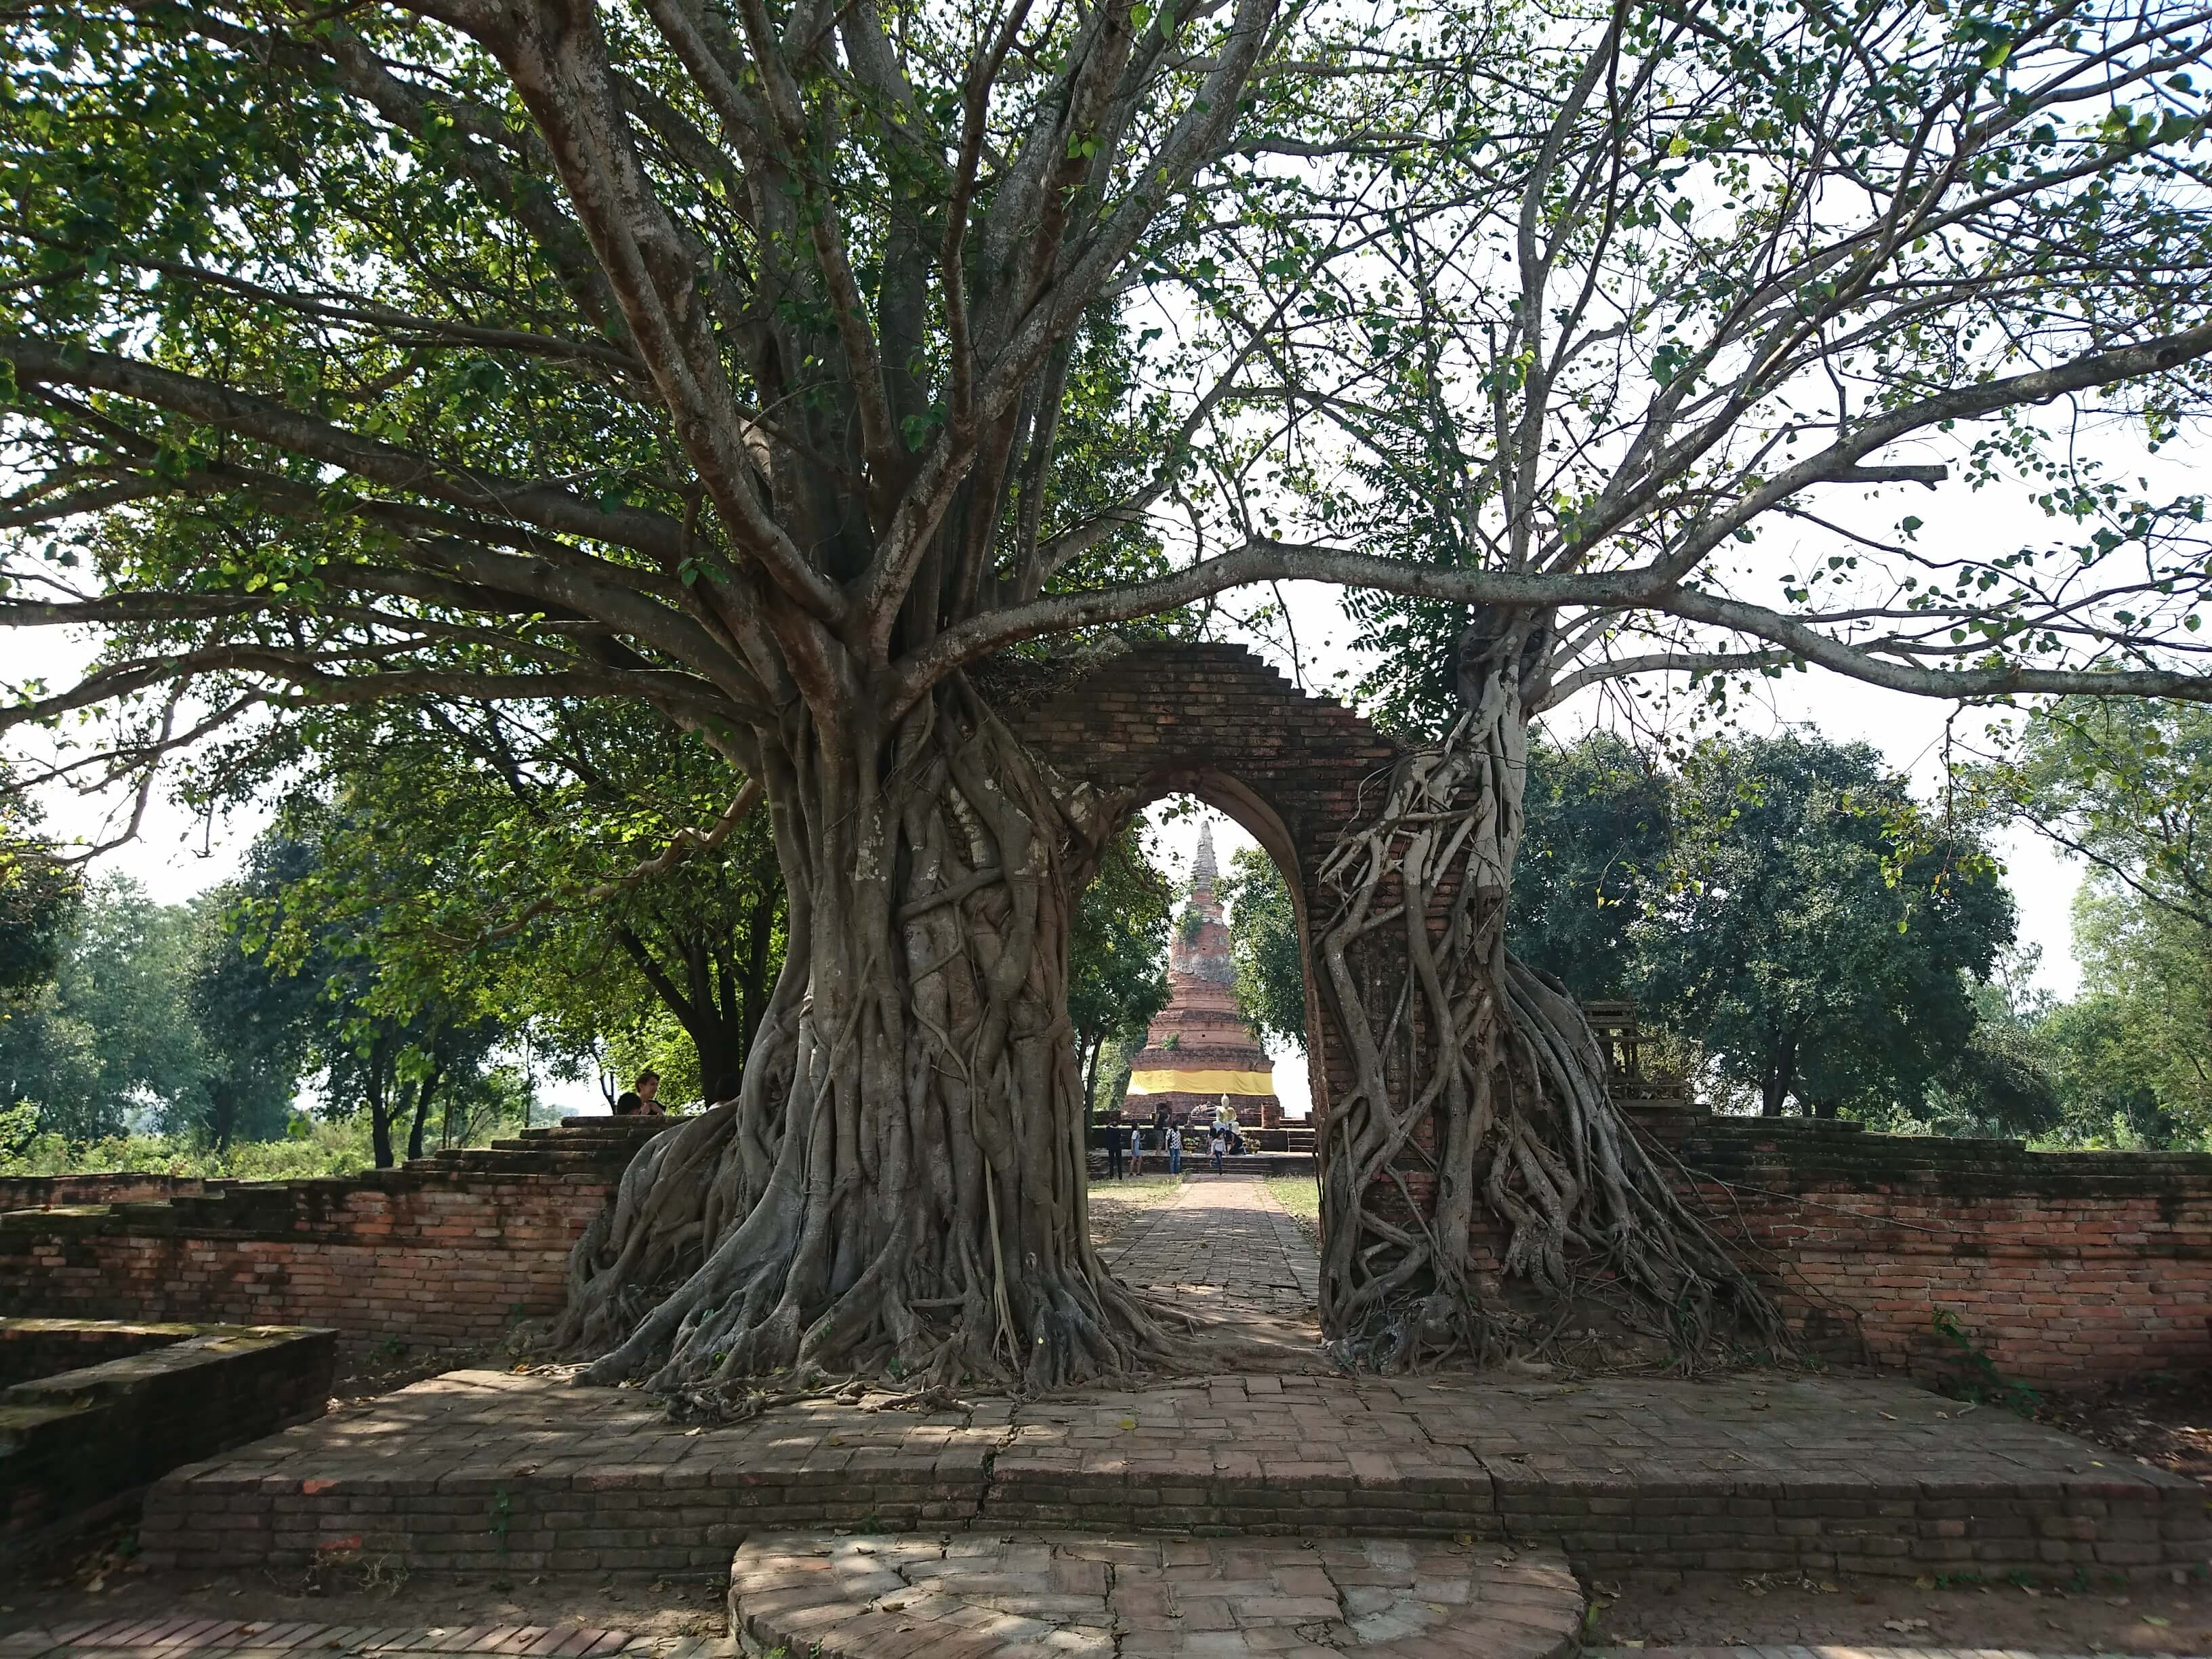 ワットパッンガーム(วัดพระงามคลองสระบัว・Wat Phra Ngarm)/ アユタヤ王朝滅亡から、タイムゲートが長い悠久の時を刻む仏教寺院遺跡